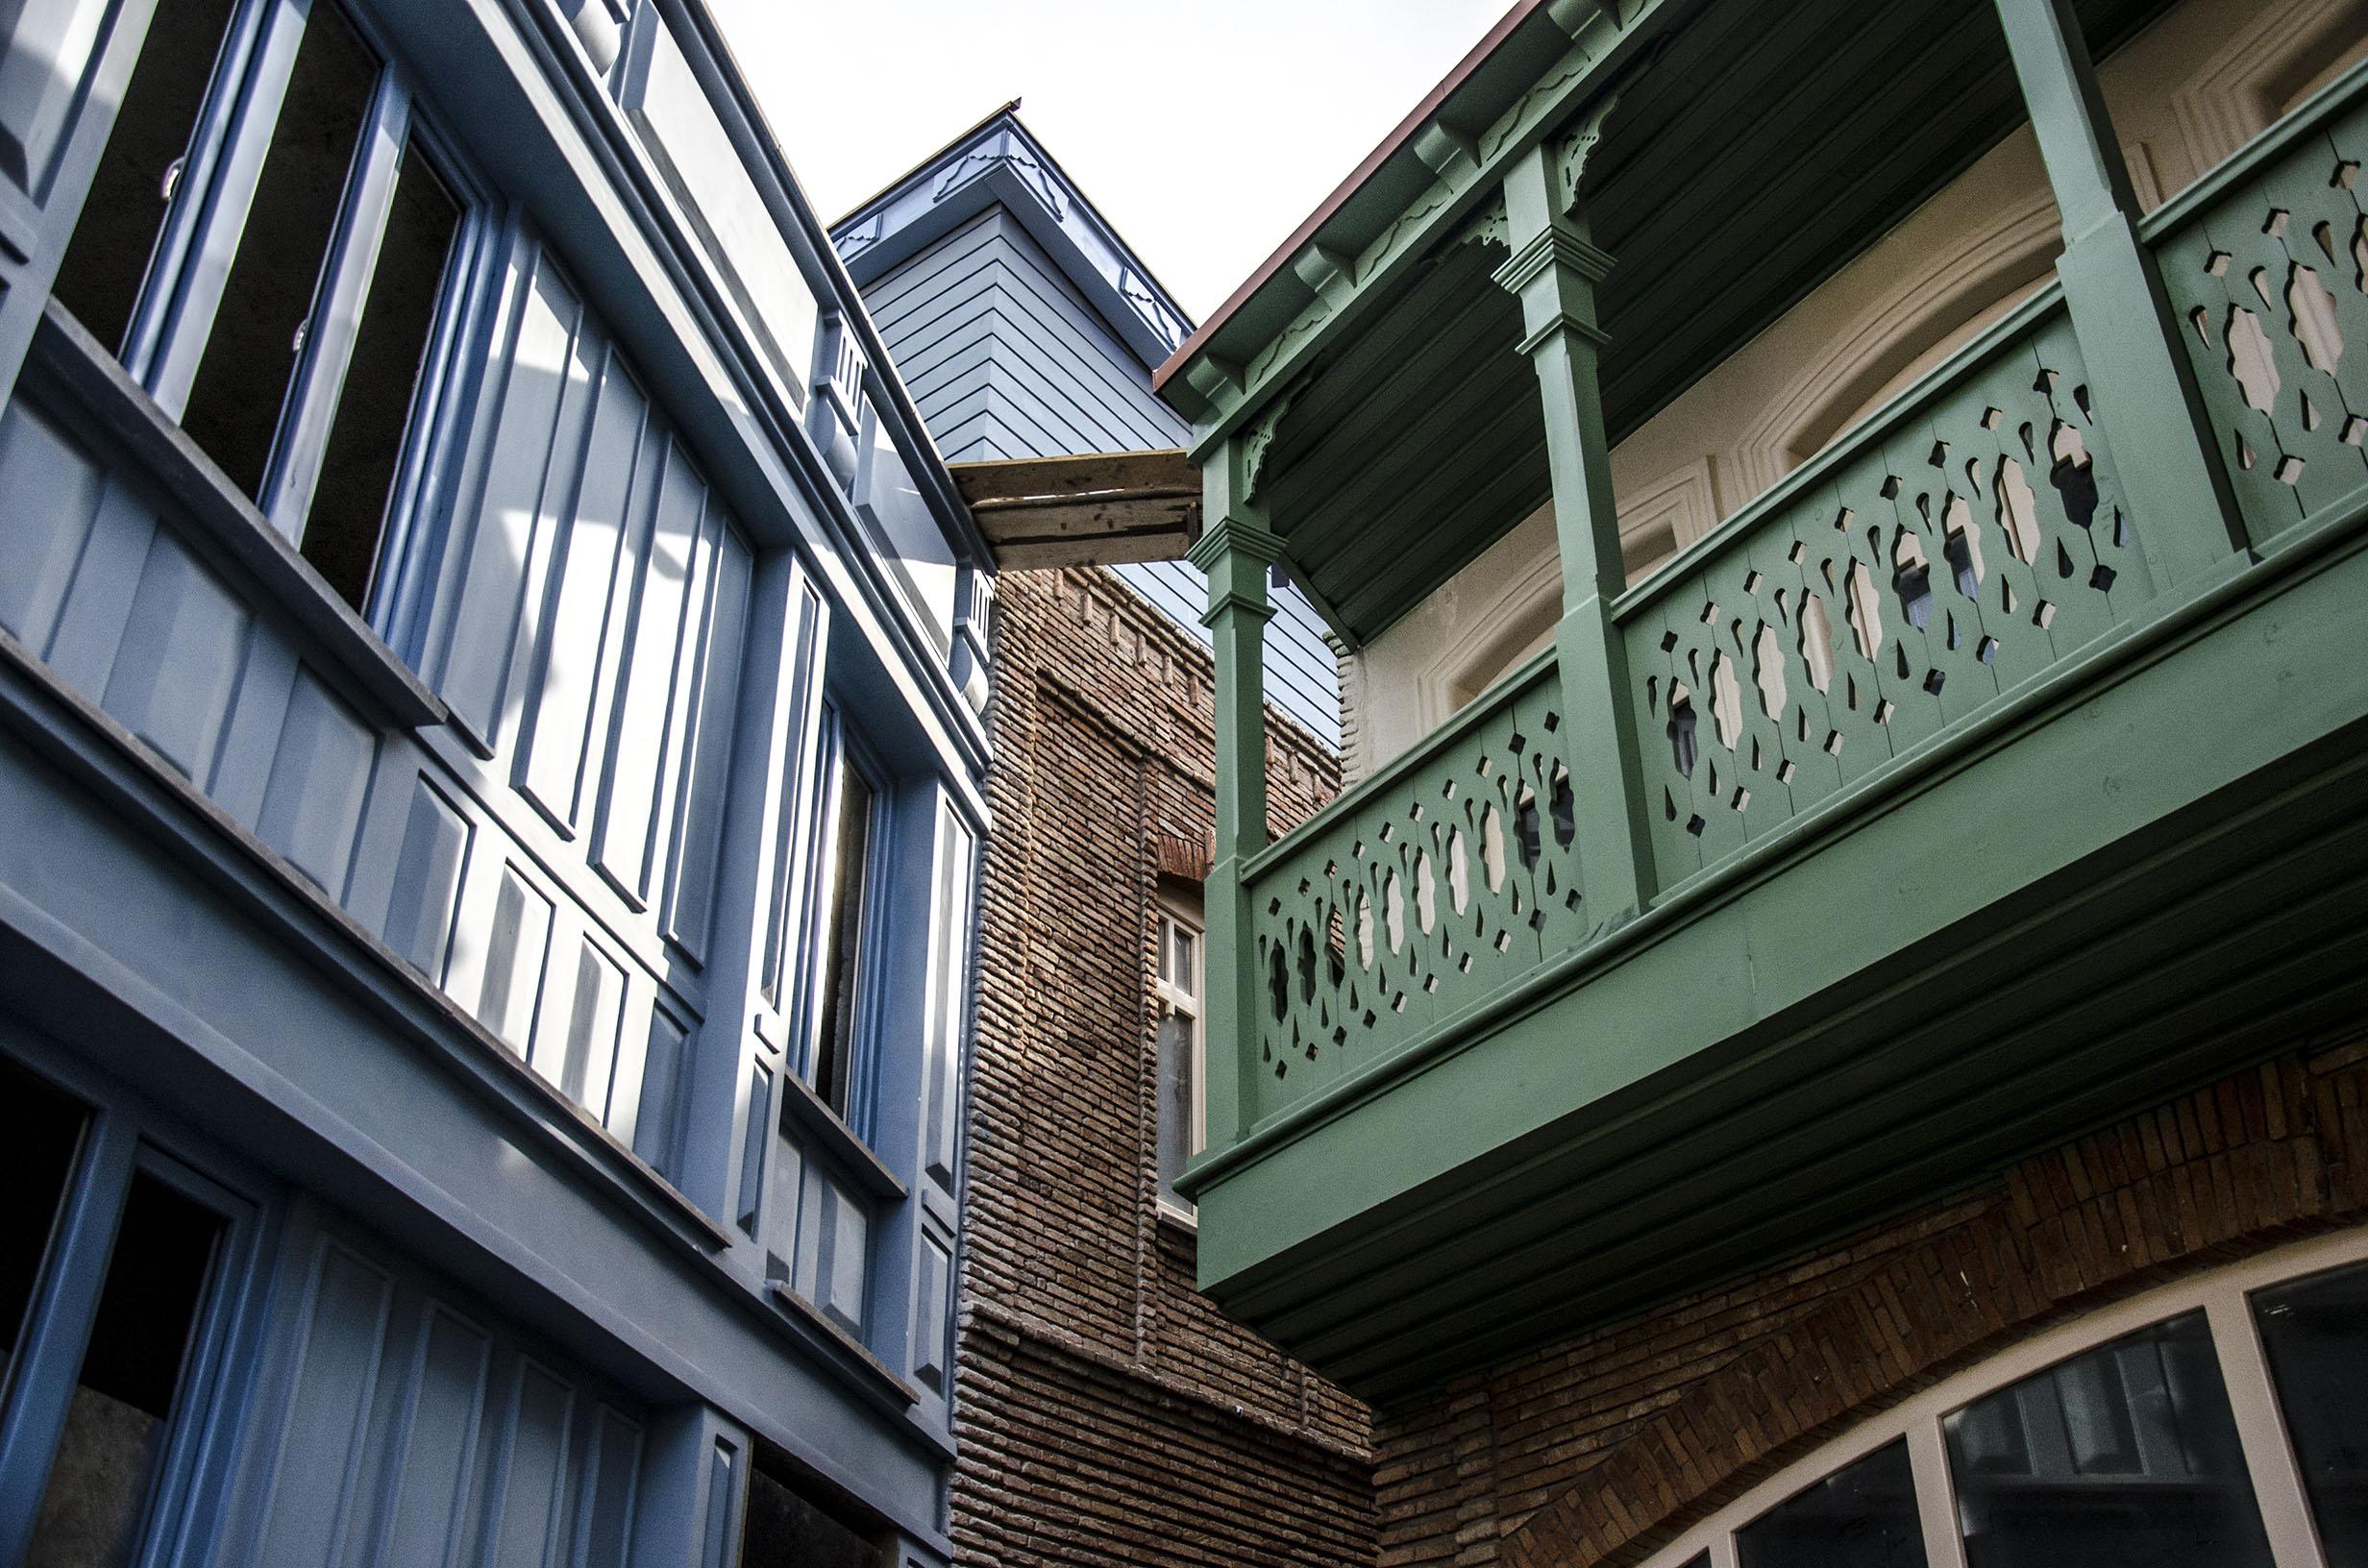 A tutaj odnowione budynki w okolicach starego miasta